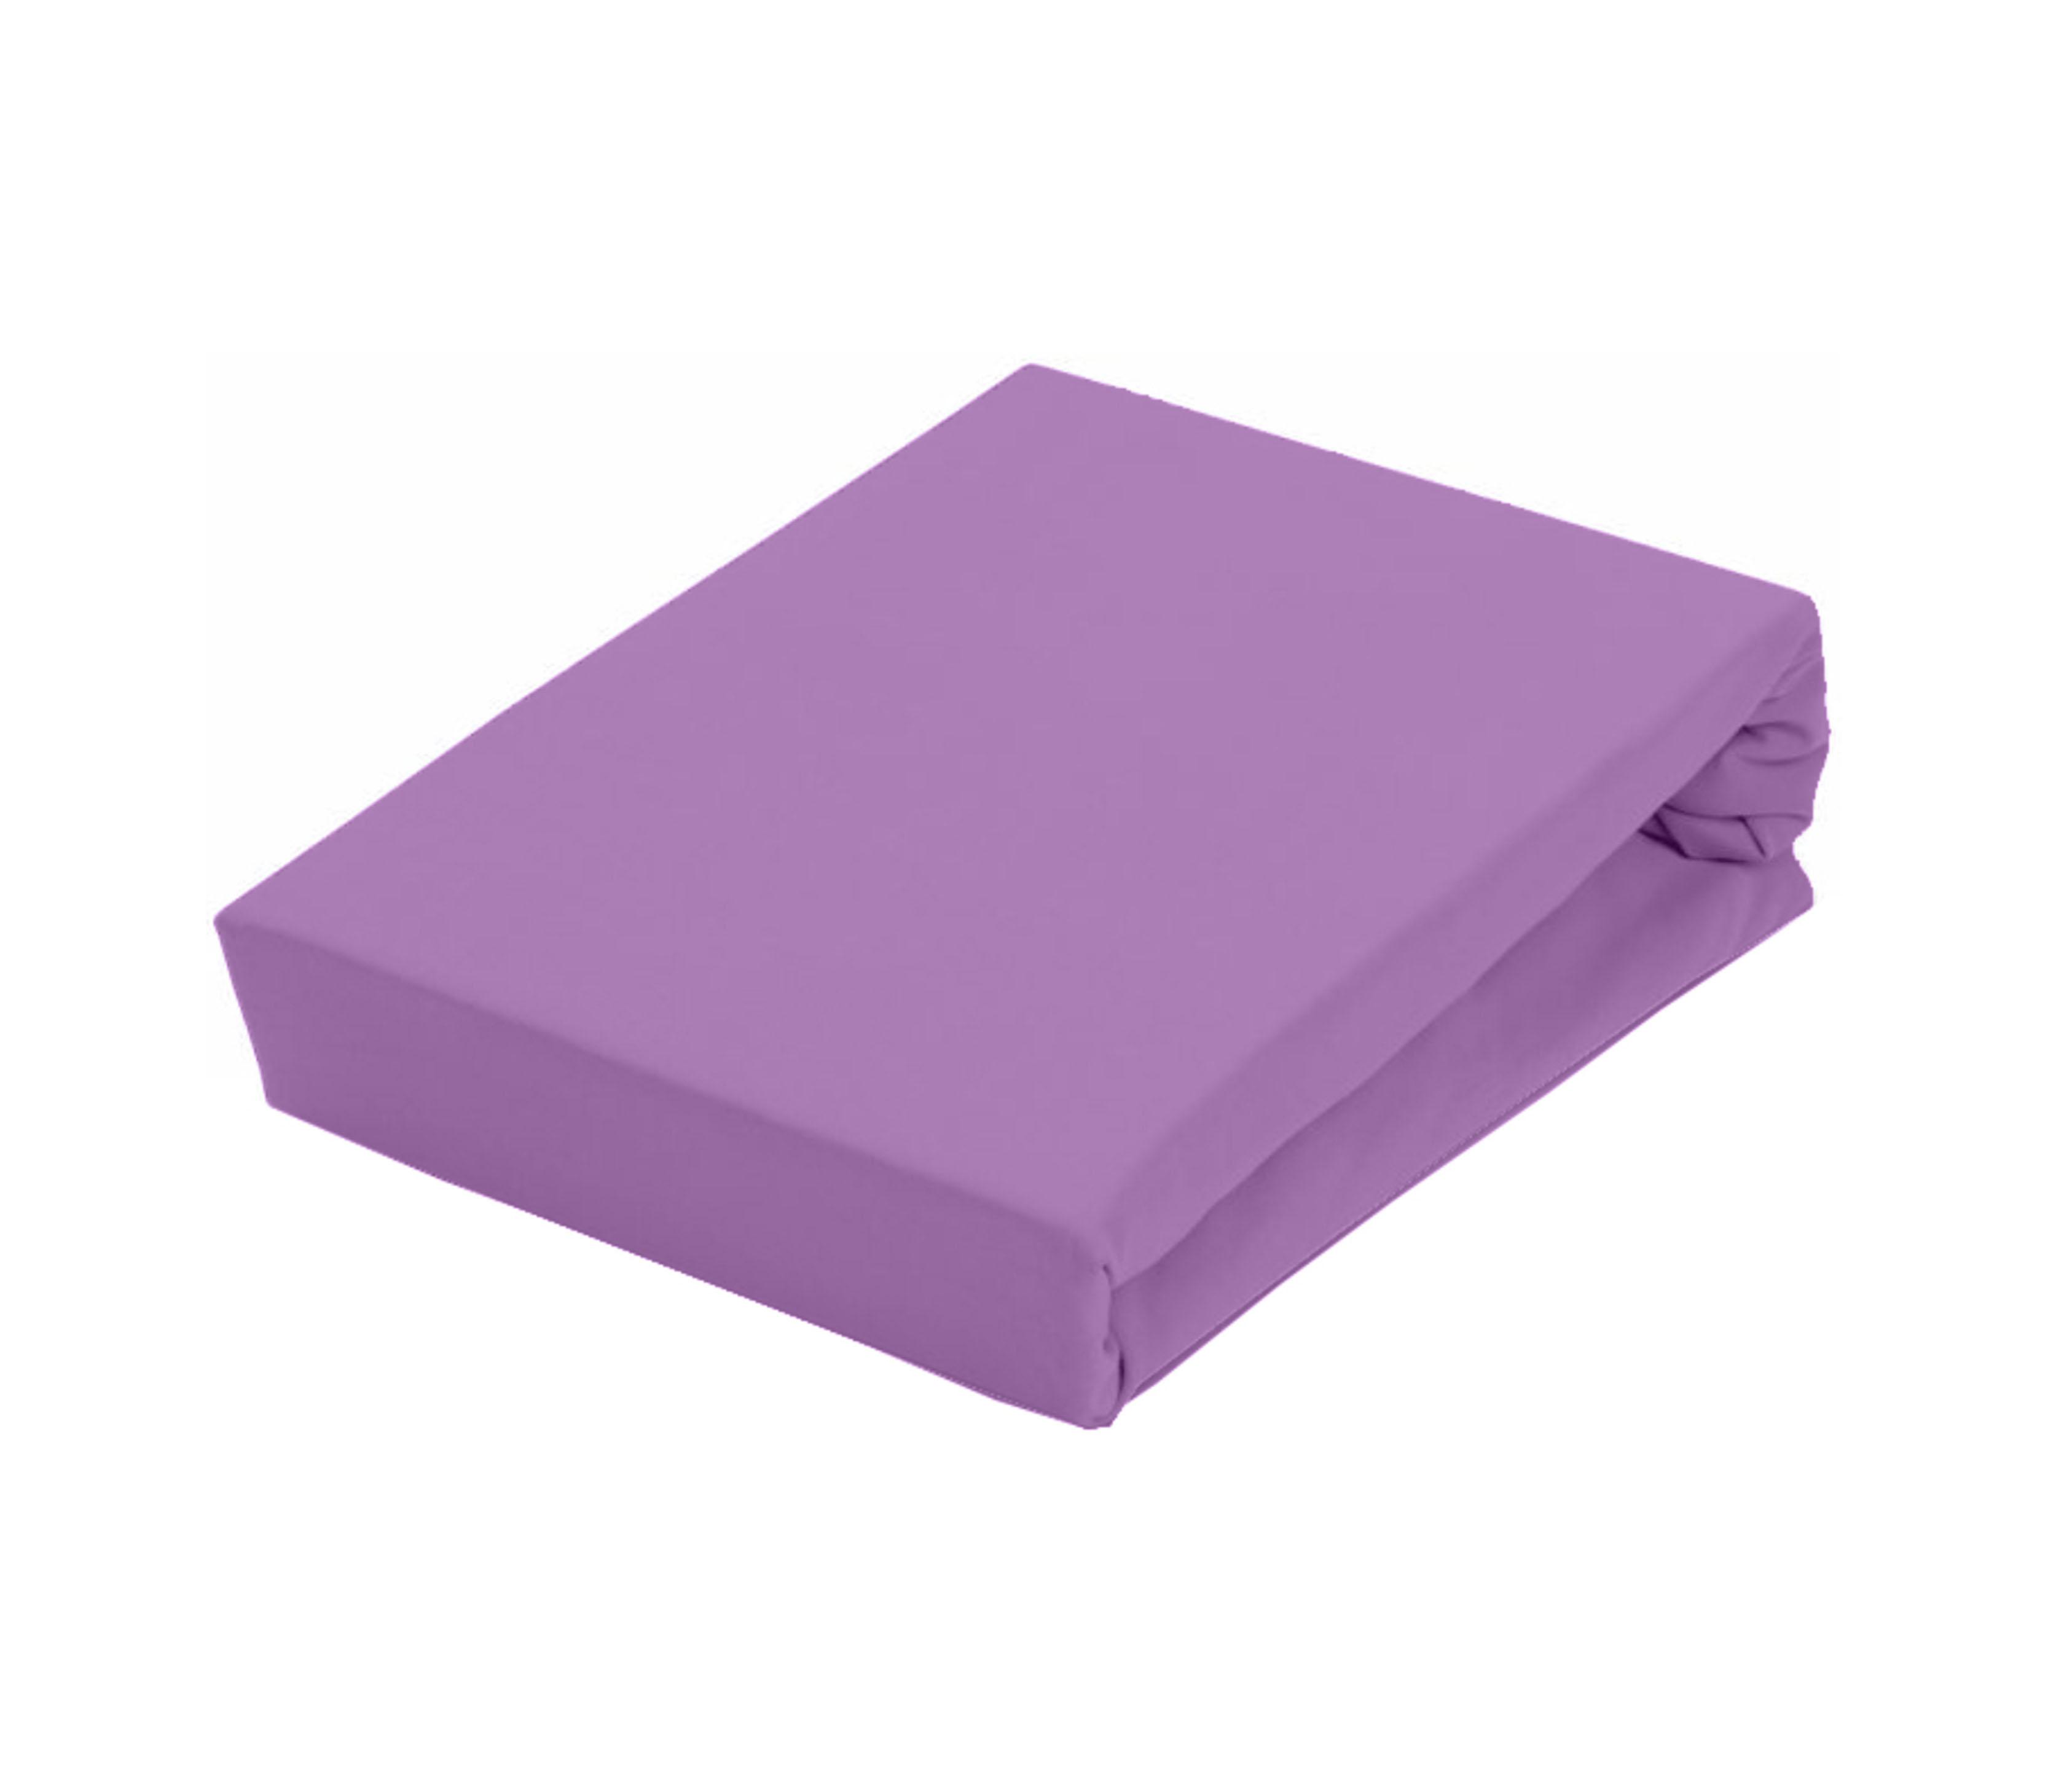 Aga Prostěradlo JERSEY 180x200 cm  Barva prostěradla: Světle fialová